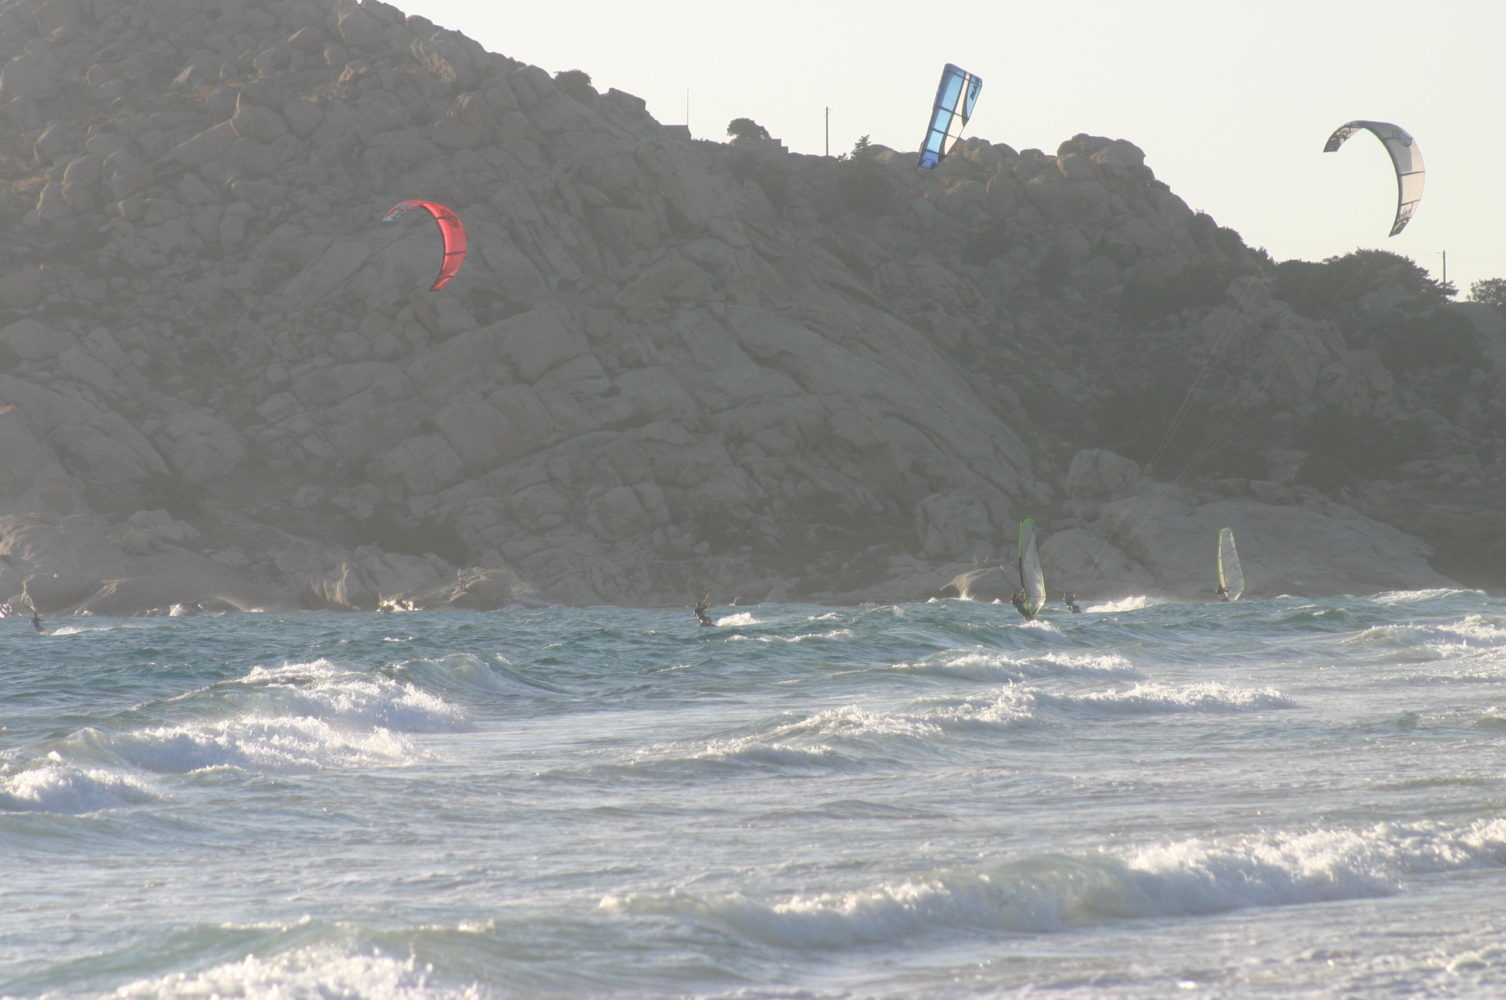 voile, planche à voile, kitesurf à Naxos